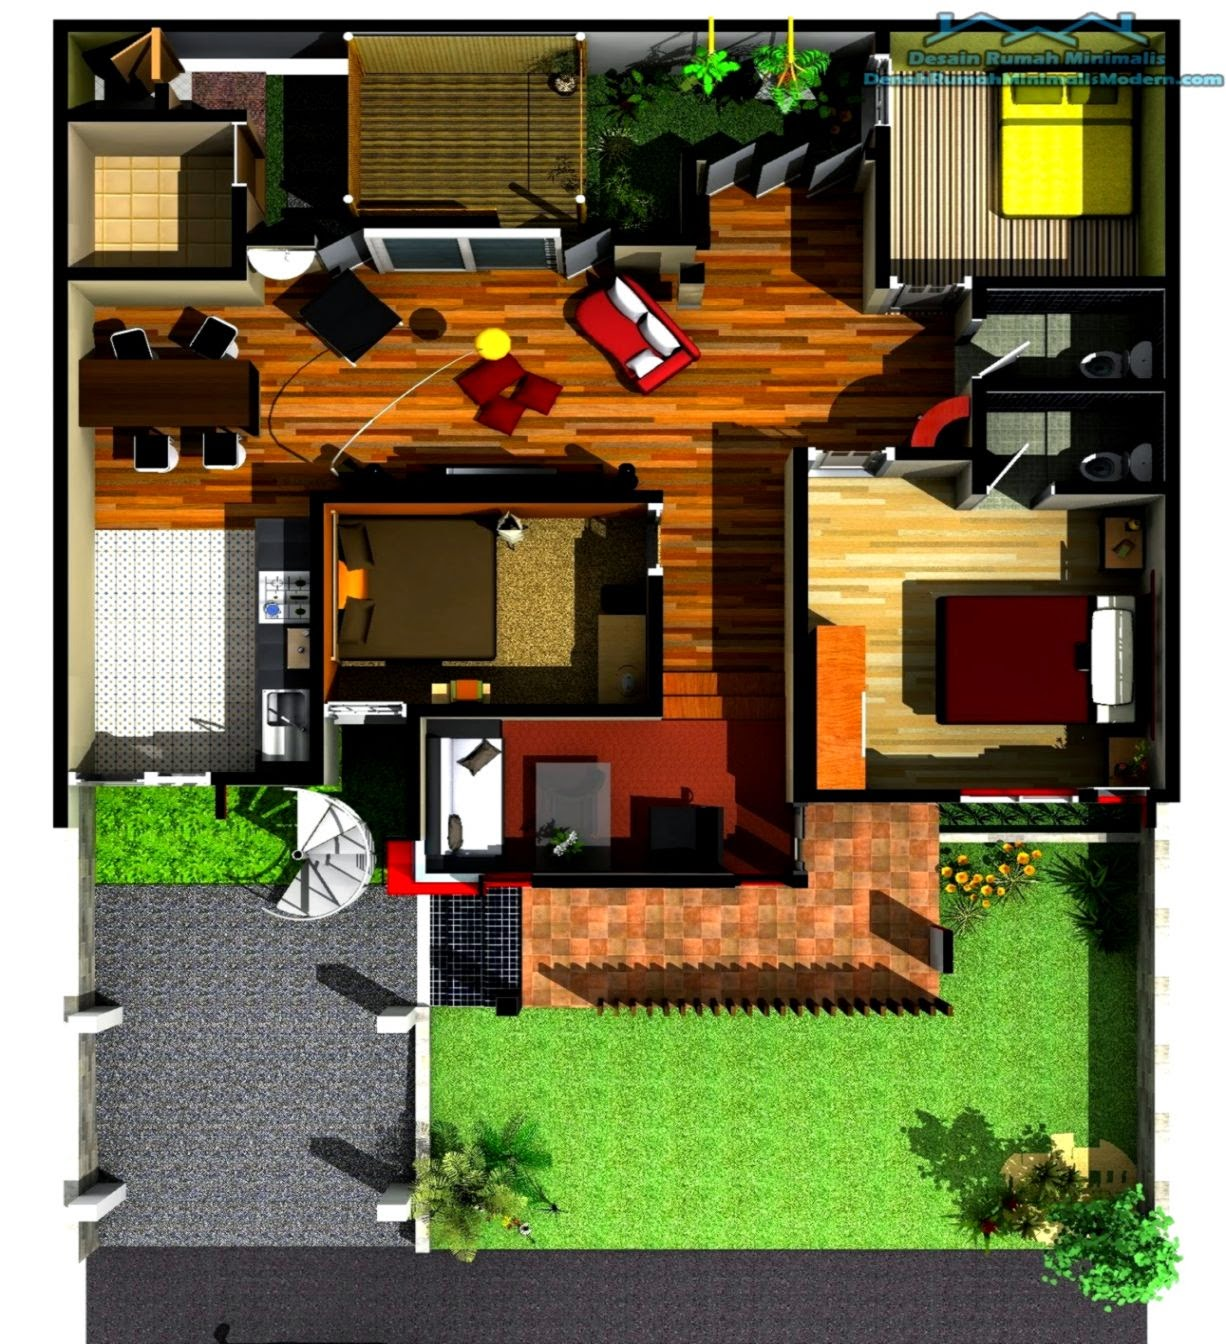 Desain Rumah Minimalis Sederhana 1 Lantai 3 Kamar Tidur ...